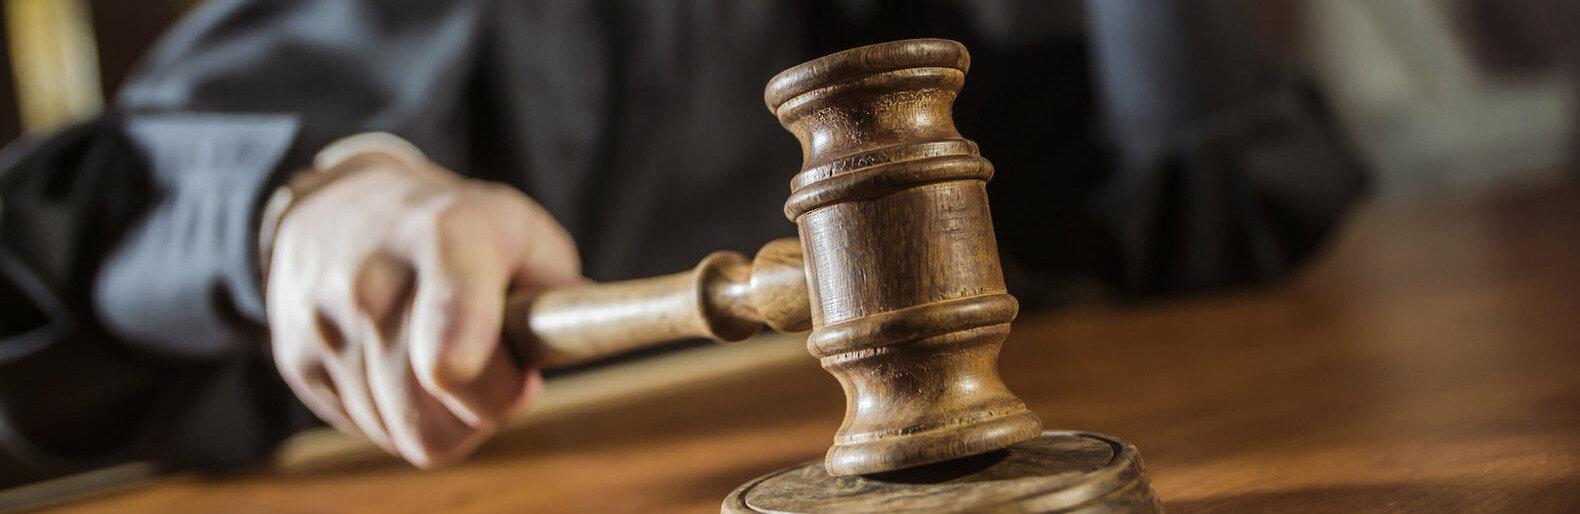 Одесситку будут судить за вывоз украинок для сексуальной эксплуатац...0